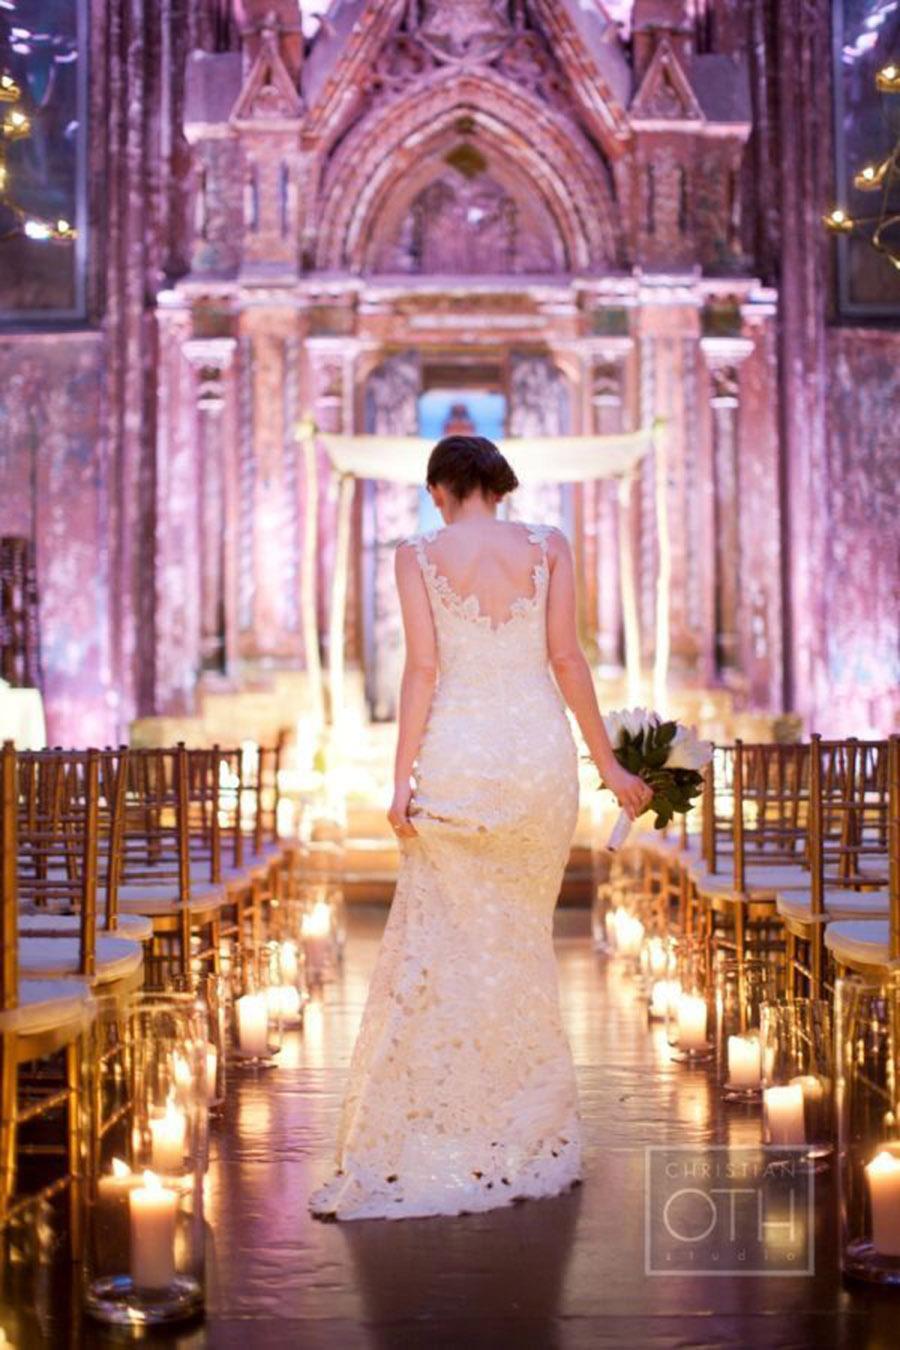 weddinglightingcandles